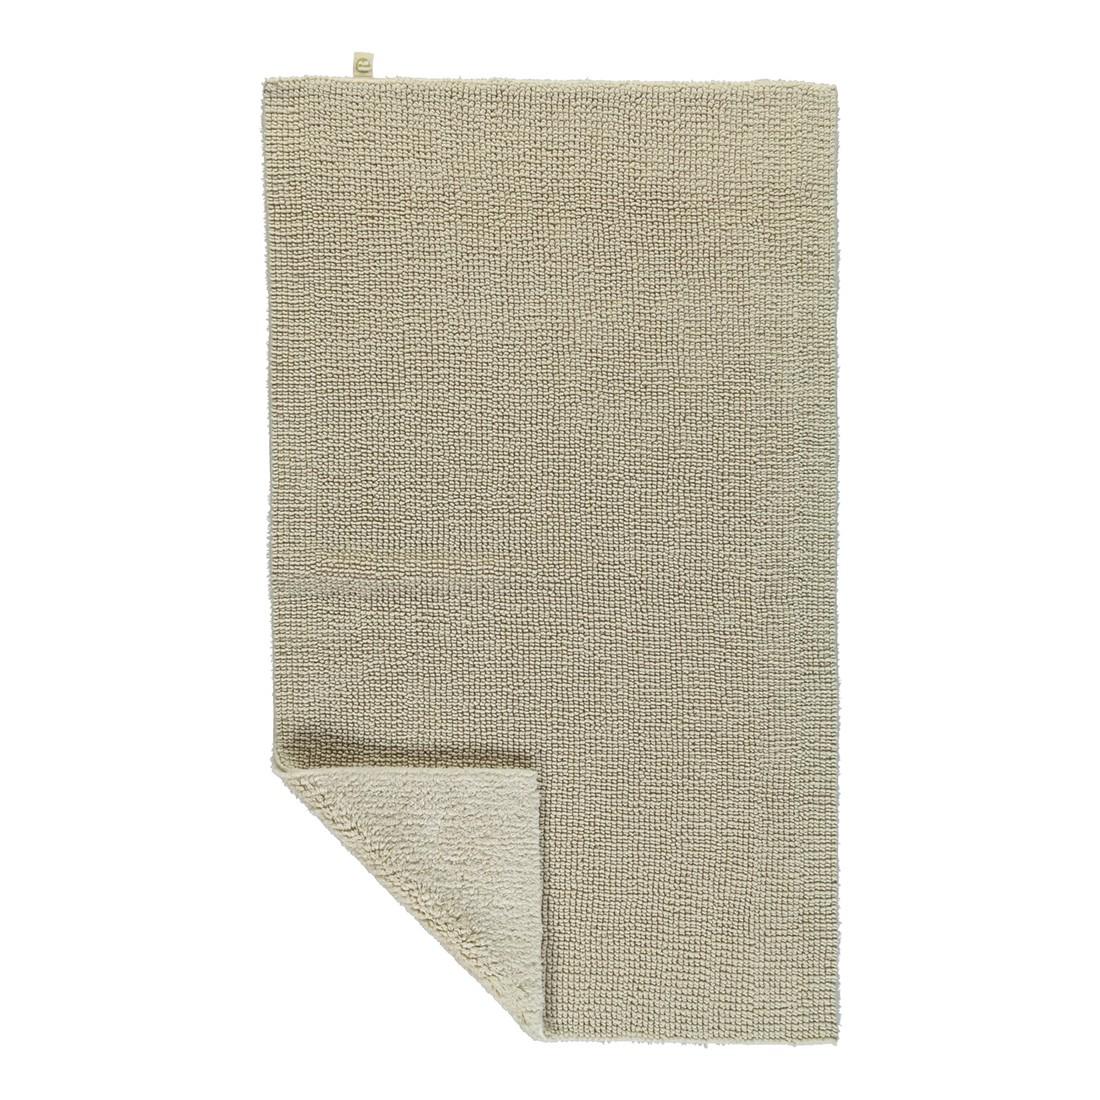 Badteppich Pur - 100% Baumwolle Natur-jasmin - 20 - 70 x 130 cm, Rhomtuft